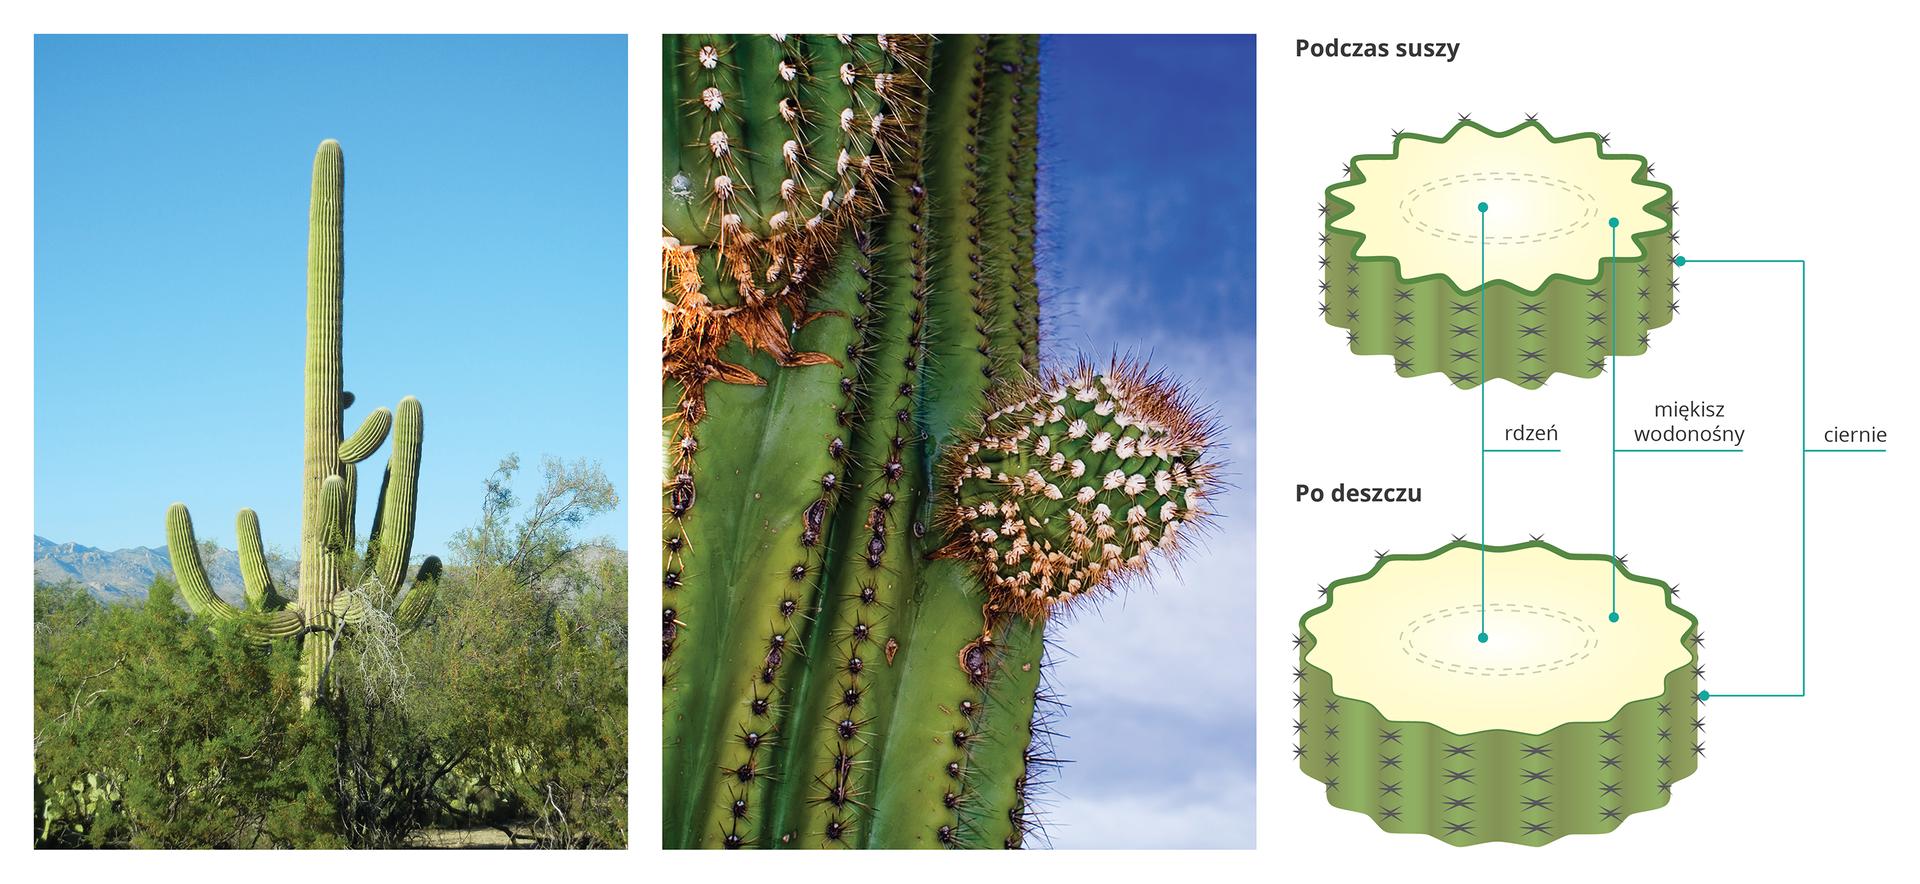 Ilustracja przedstawia dwie fotografie irysunki karnegii olbrzymiej. Fotografia zlewej przedstawia wysoki, kolumnowy kaktus, wyrastający ponad okoliczne drzewa wsuchym, górzystym krajobrazie. Fotografia wśrodku przedstawia zbliżenie pędu karnegii. Łodyga jest głęboko żebrowana, zlicznymi cierniami. Wyrastają zniej małe, kuliste odnogi. Rysunek przedstawia dwa przekroje łodygi kaktusa zmiękiszem wodonośnym wśrodku. Górny ilustruje łodygę podczas suszy: ma mniejszą średnicę igłębokie bruzdy. Niżej łodyga po deszczu jest poszerzona, bruzdy są mniejsze apierścień miękiszu wodonośnego grubszy.